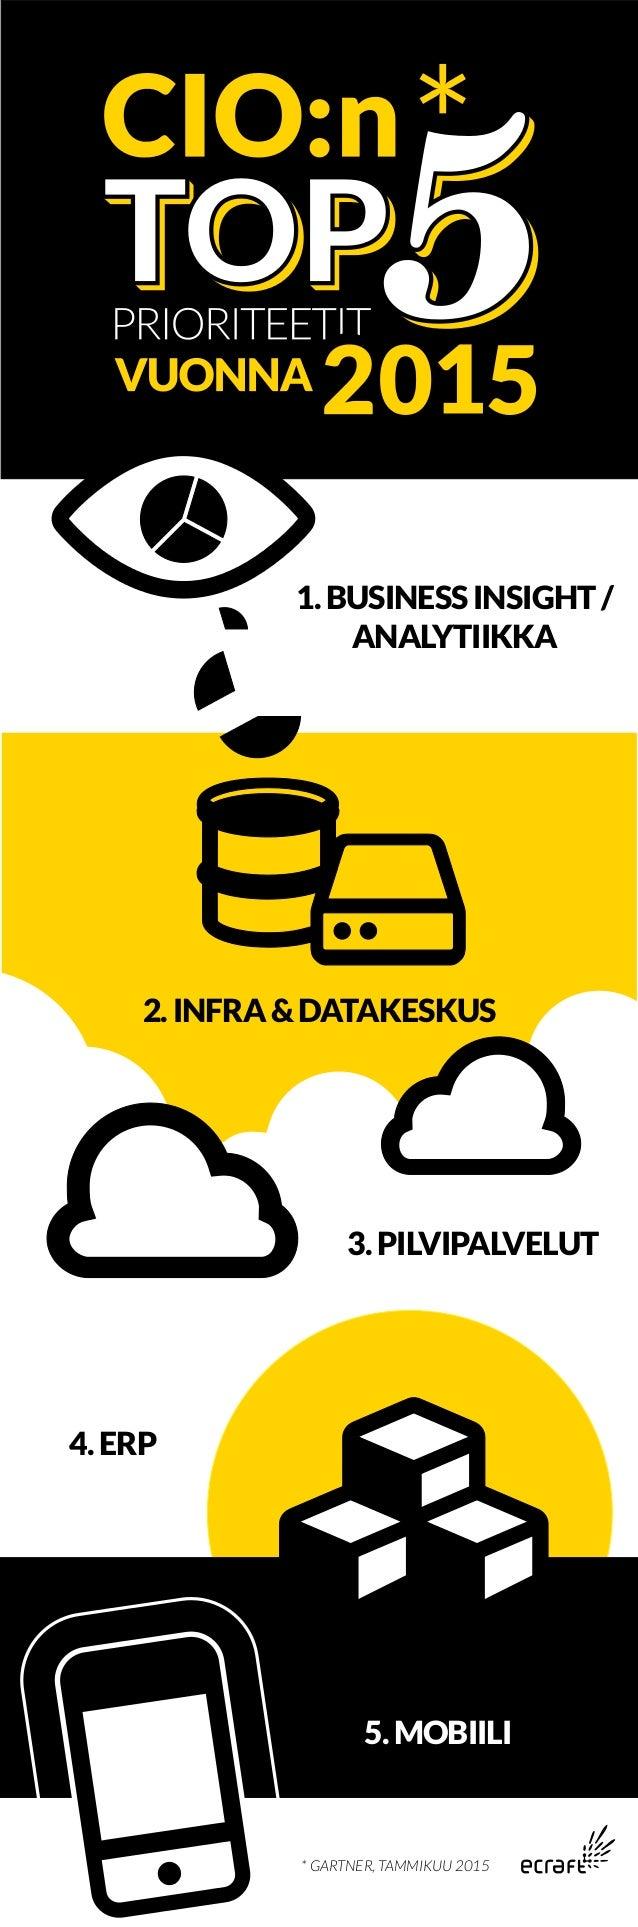 2.INFRA&DATAKESKUS 1.BUSINESSINSIGHT/ ANALYTIIKKA 5.MOBIILI 4.ERP * GARTNER, TAMMIKUU 2015 3.PILVIPALVELUT